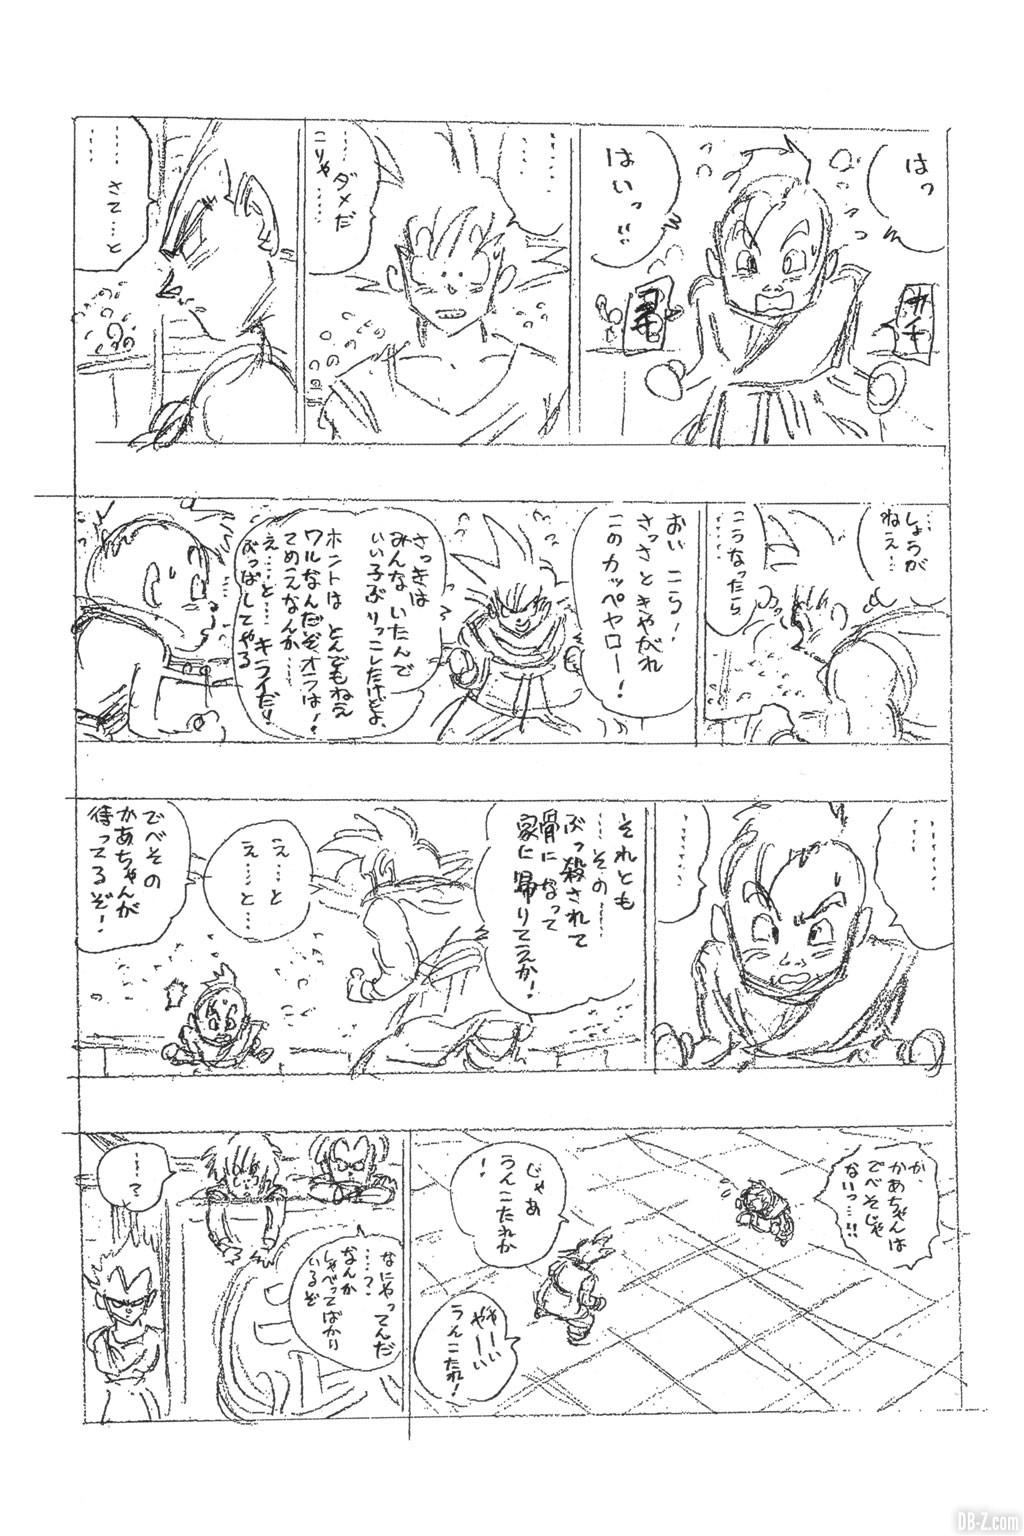 Brouillon Akira Toriyama Dernier Chapitre de Dragon Ball Page 10